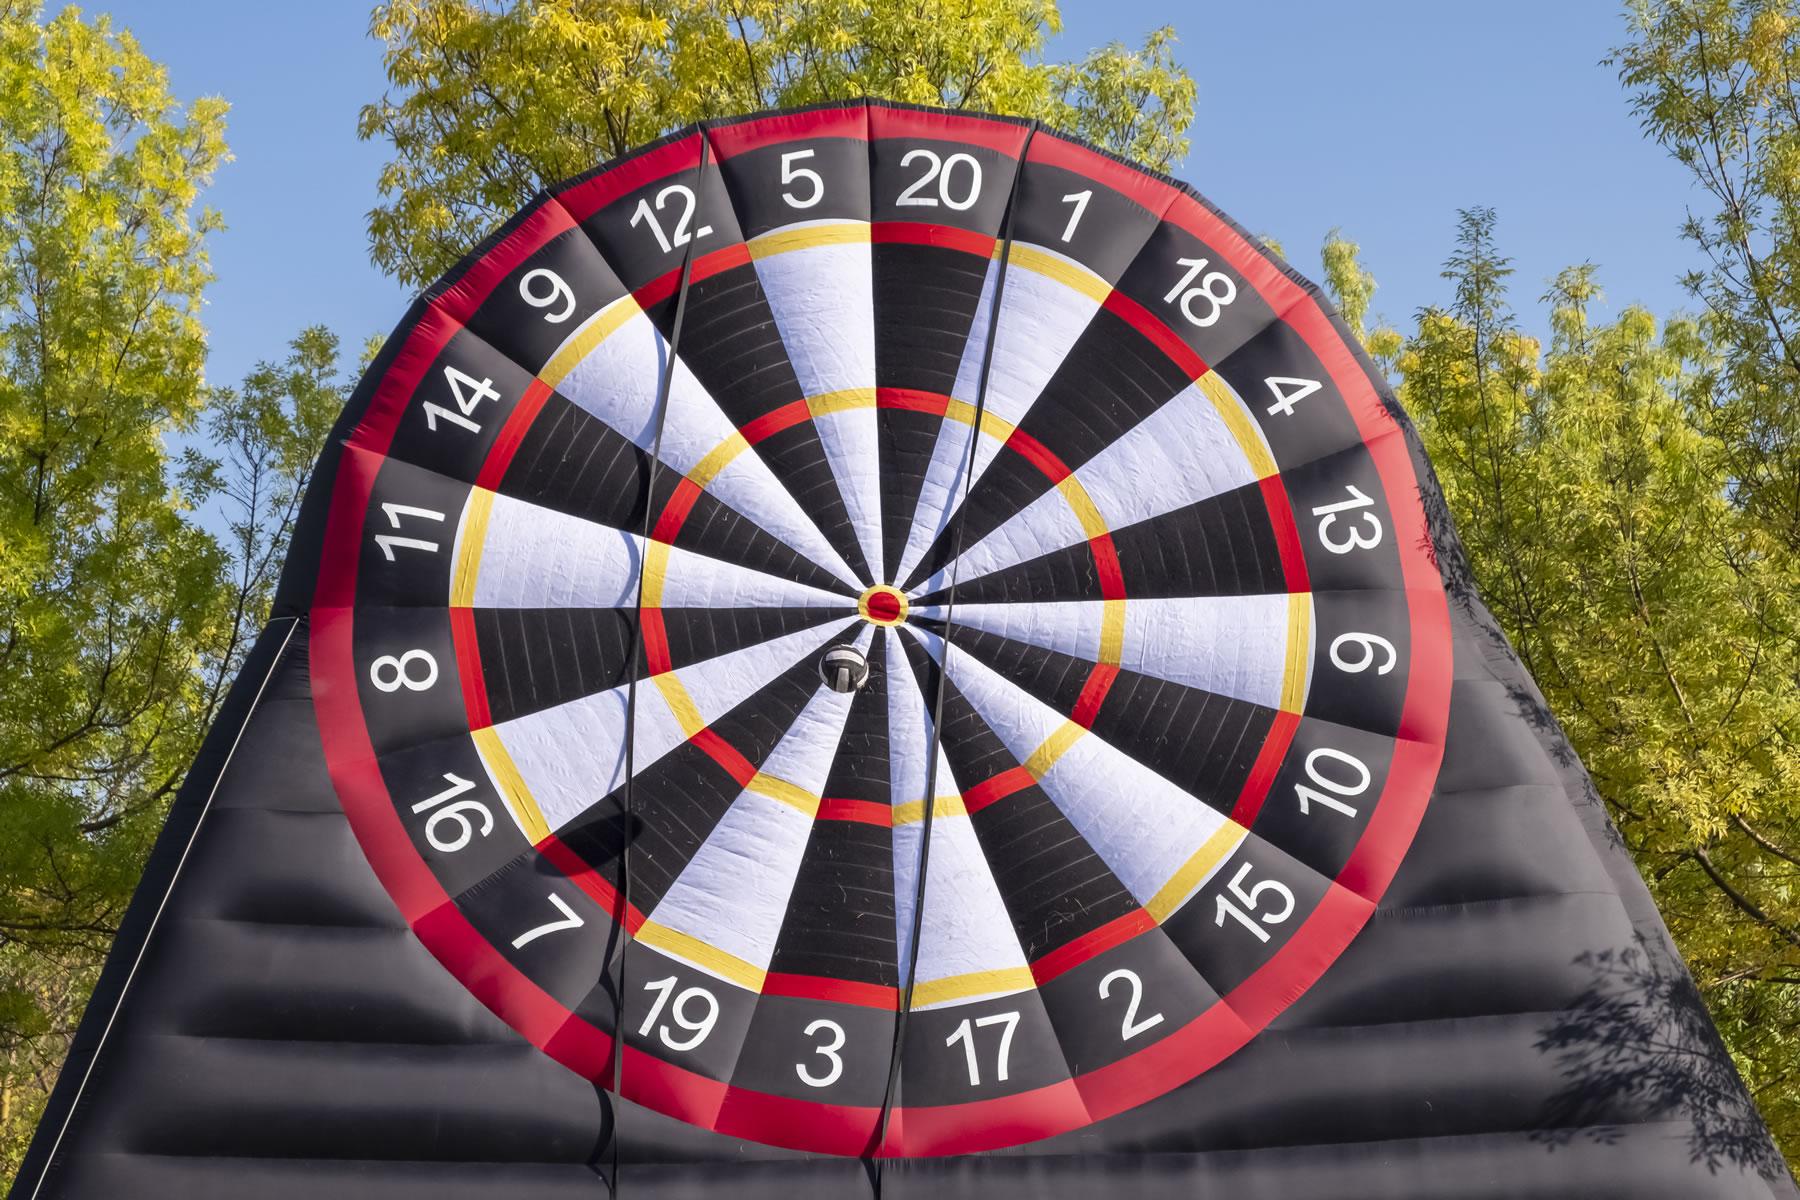 Voetdarts is een gouden combinatie van darten en voetbal